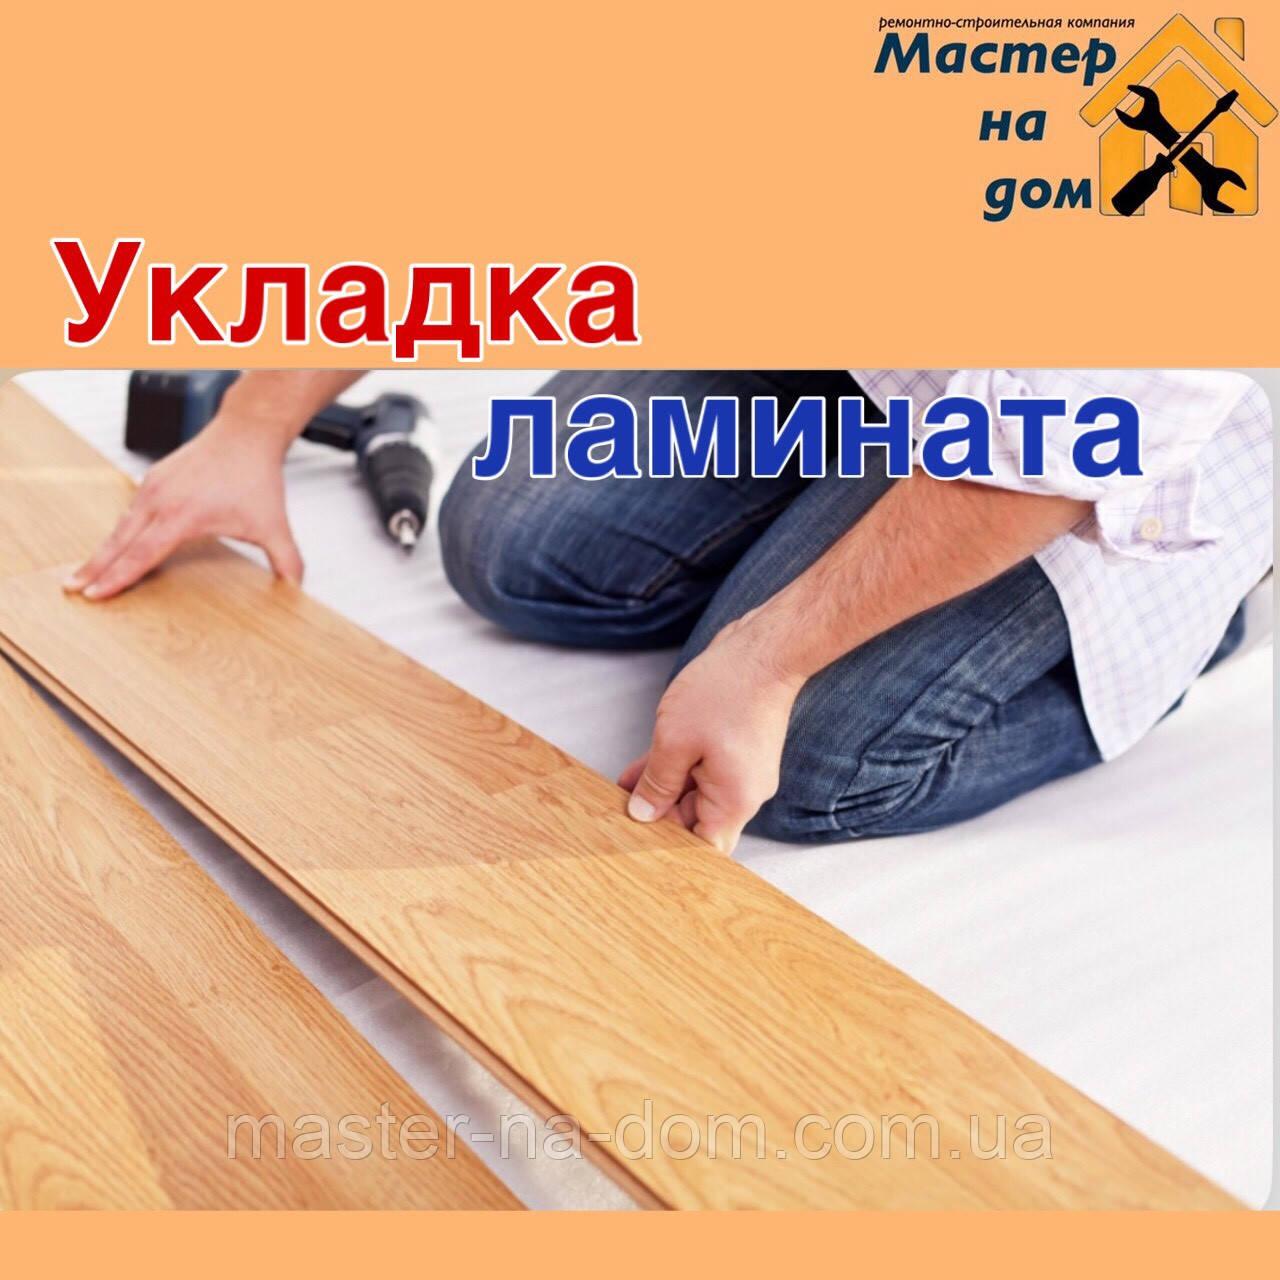 Укладка ламината в Киеве